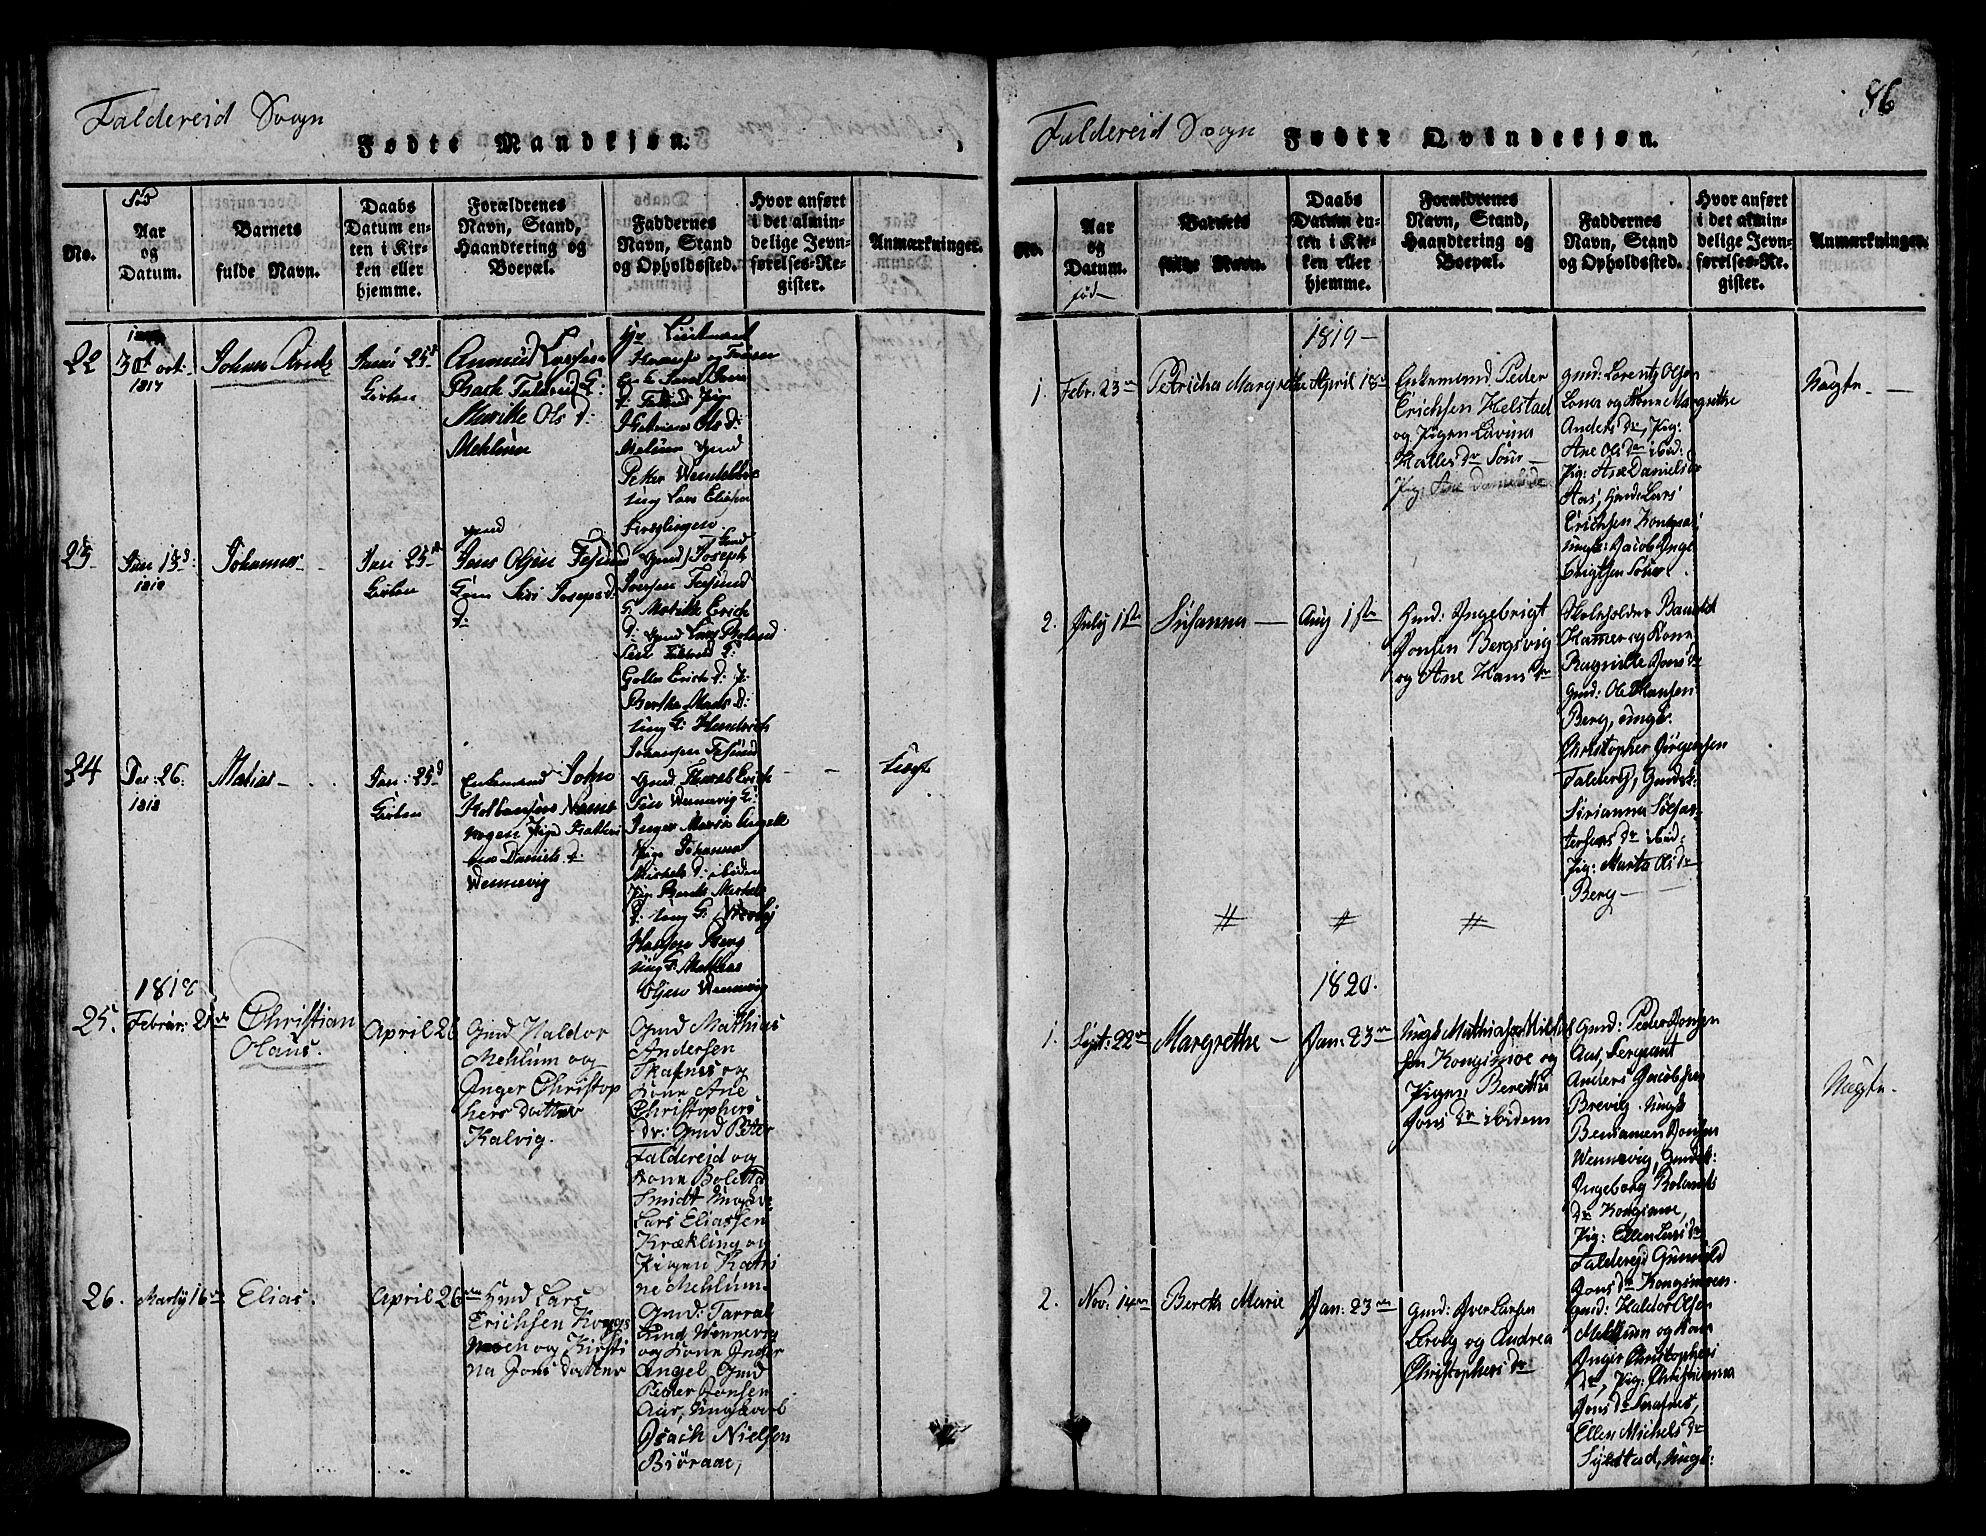 SAT, Ministerialprotokoller, klokkerbøker og fødselsregistre - Nord-Trøndelag, 780/L0648: Klokkerbok nr. 780C01 /3, 1815-1877, s. 86